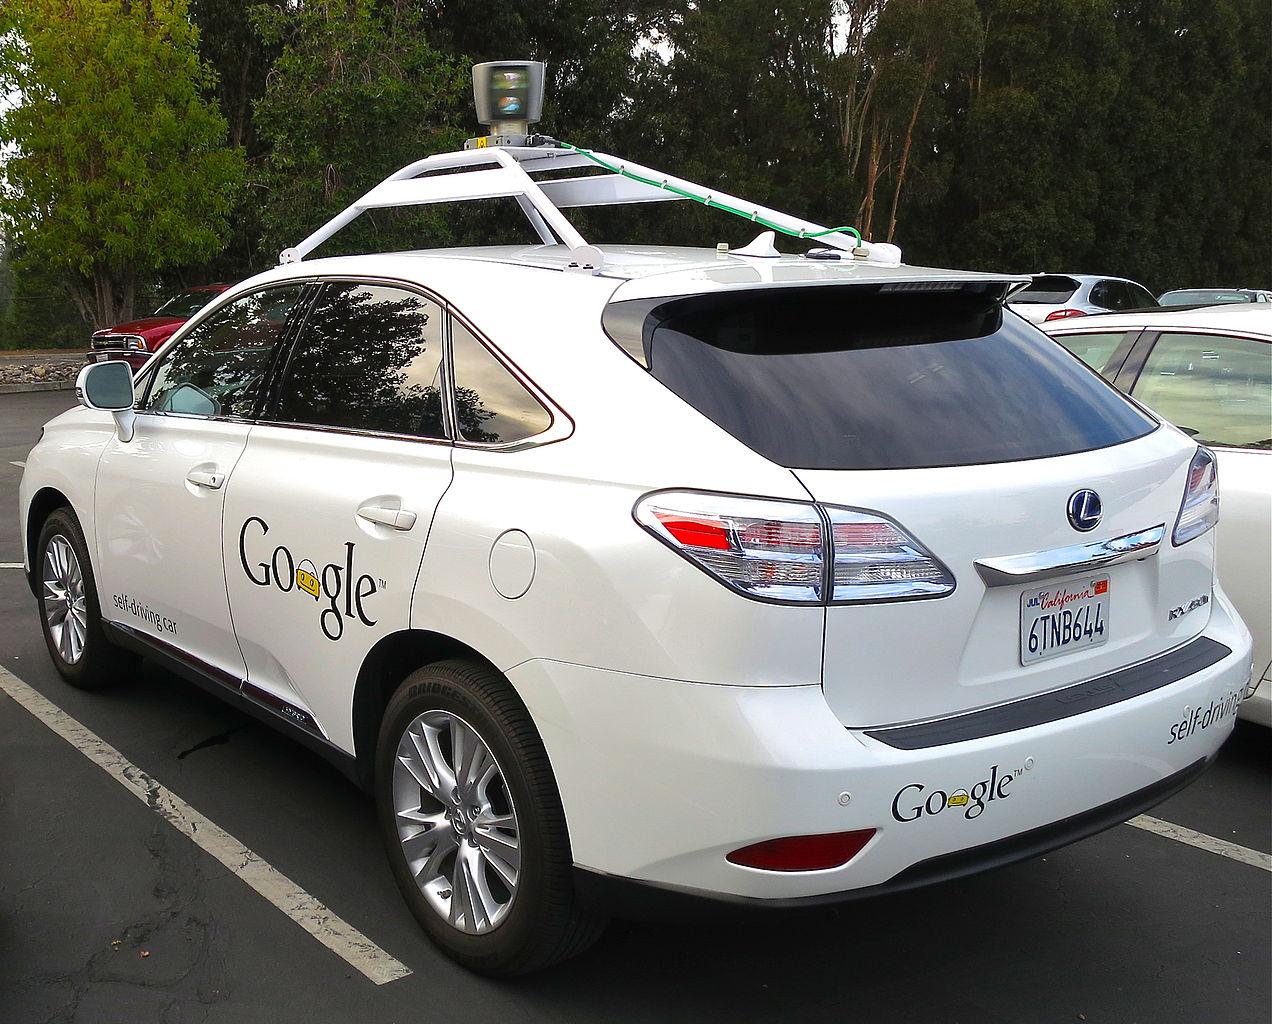 Google autonomous Lexus car